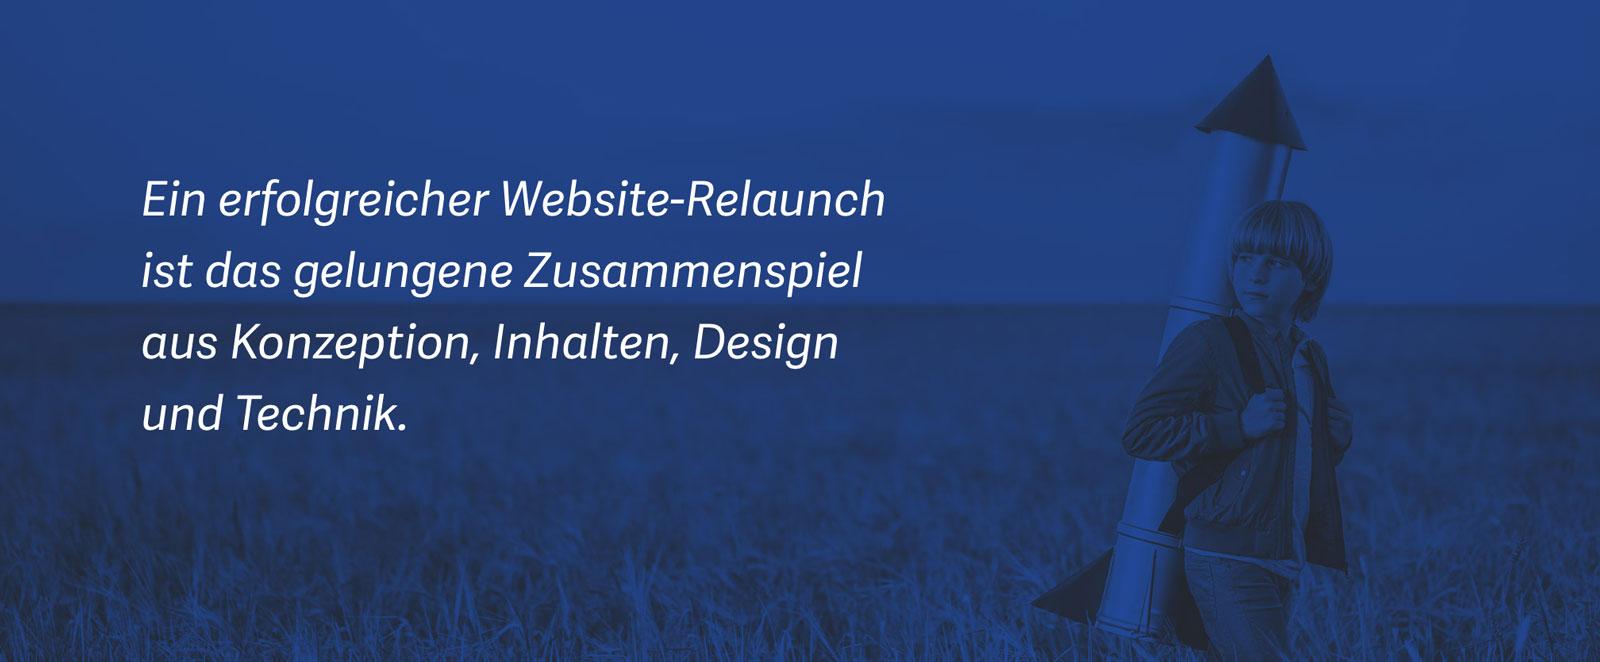 Website-Relaunch – Der ultimative Leitfaden für einen erfolgreichen Neustart 6